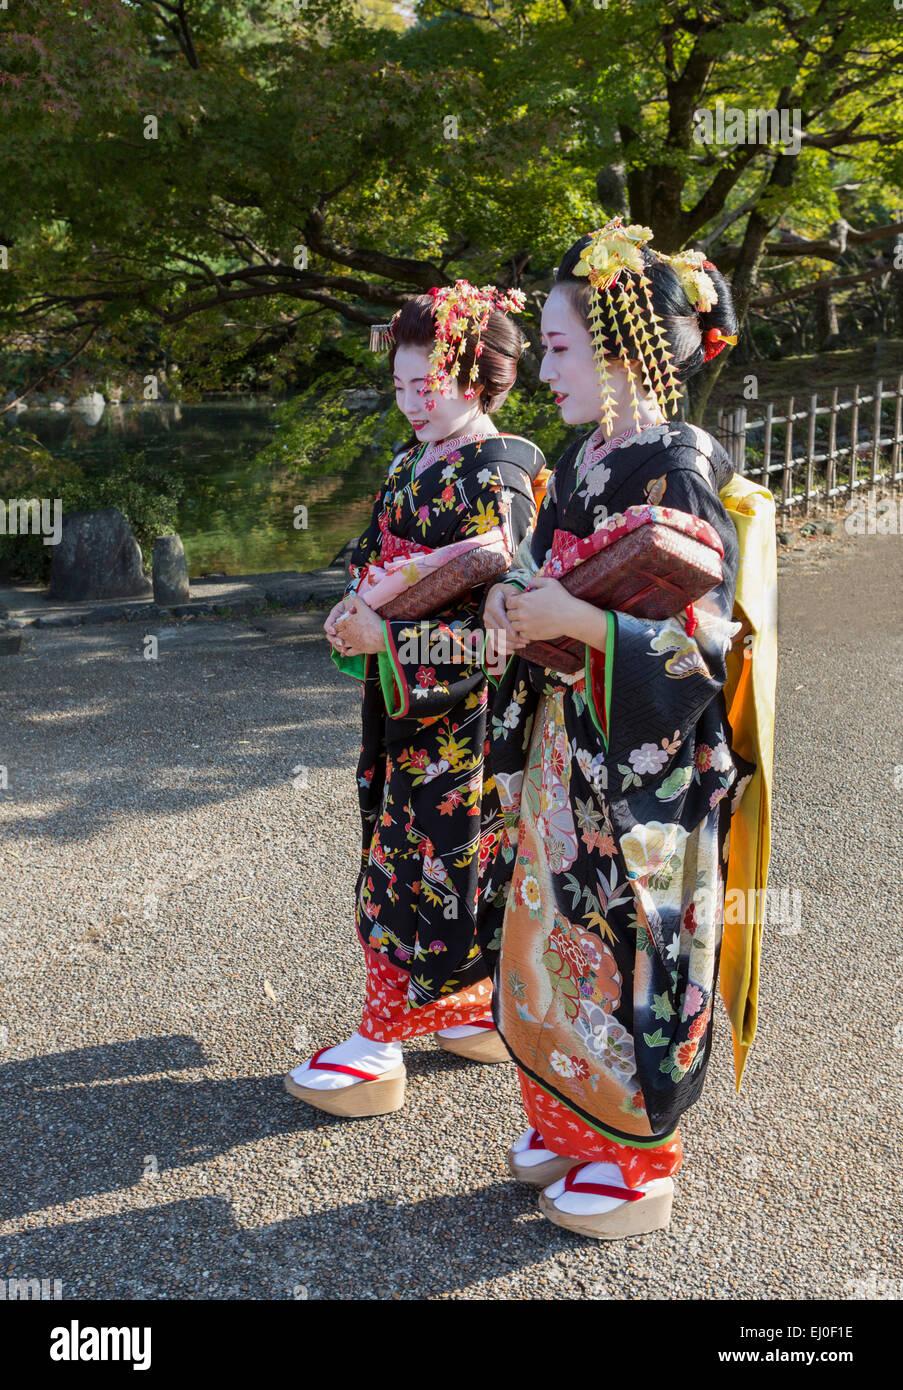 Giappone, Asia, Kyoto, Outdoor, colorato, costume, geishe, nessun modello-release, ragazze, Giapponese kimono, compongono, Immagini Stock